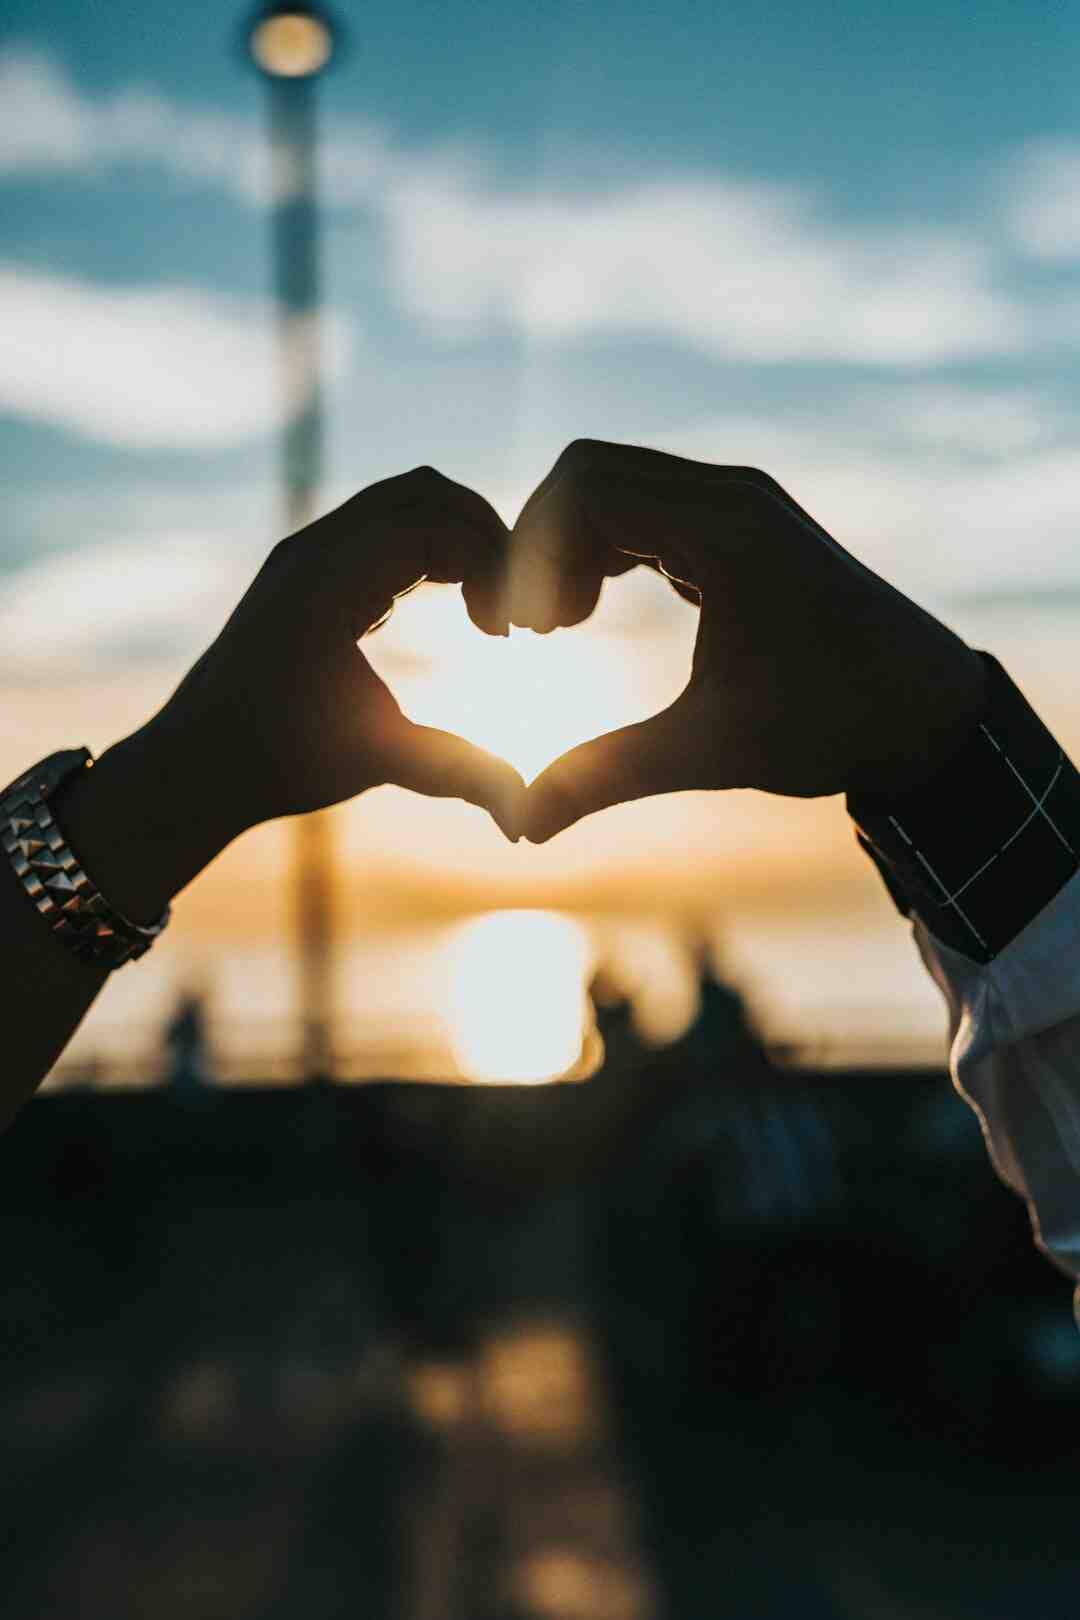 Comment prouver son amour